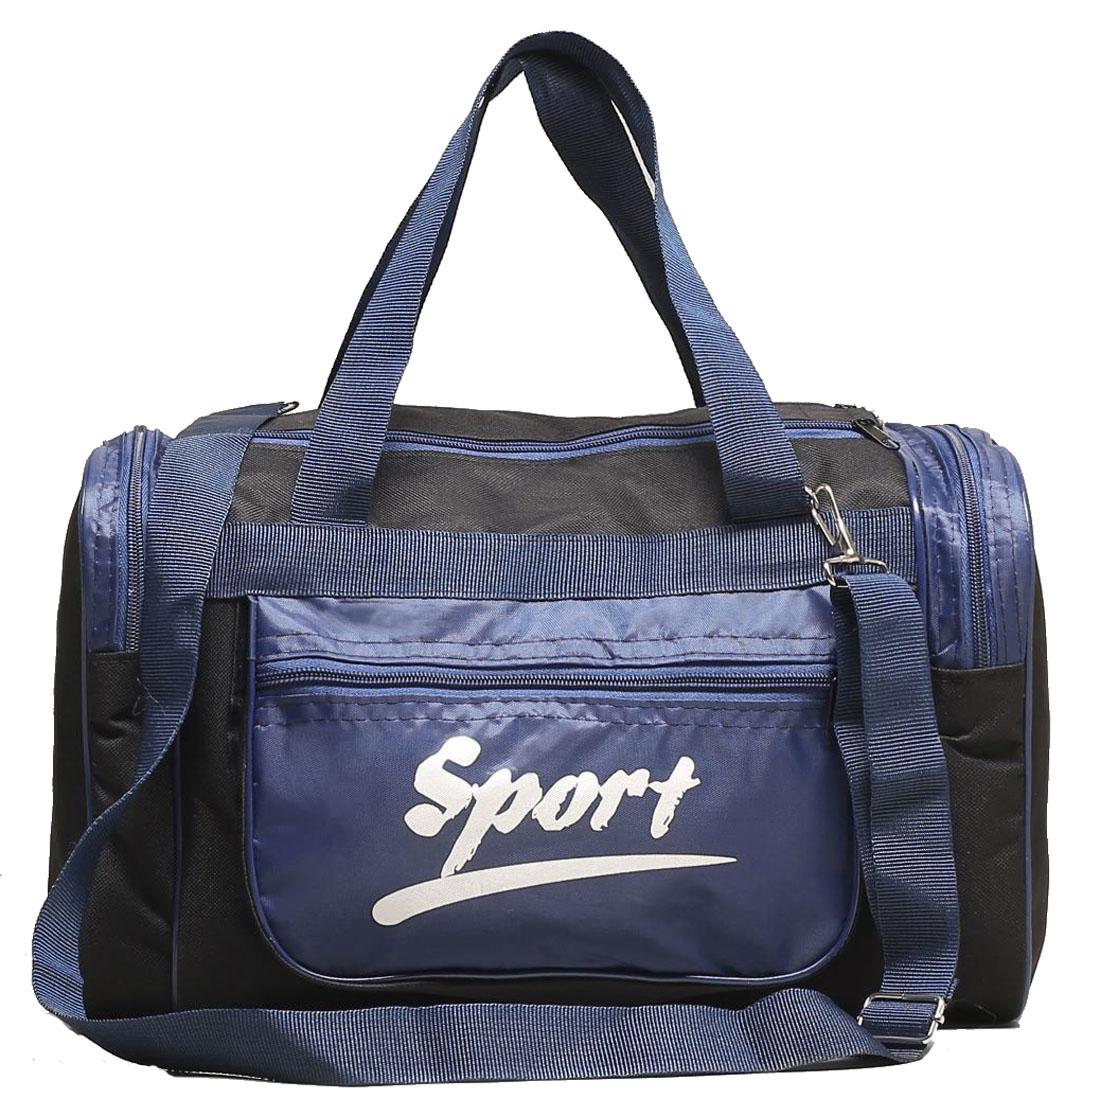 Сумка дорожная Sima-land СД-08, цвет: синий, 37 х 20 х 23 см. 18507501850750Дорожная сумка Sima-land, выполненная из текстиля, имеет 1 отделение на молнии и 3 кармана. Это вещь достойного качества, которая может стать прекрасным подарком по любому поводу.Маленькие, казалось бы, незначительные элементы зачастую завершают, дополняют образ, подчёркивают статус, стиль и вкус своего обладателя.